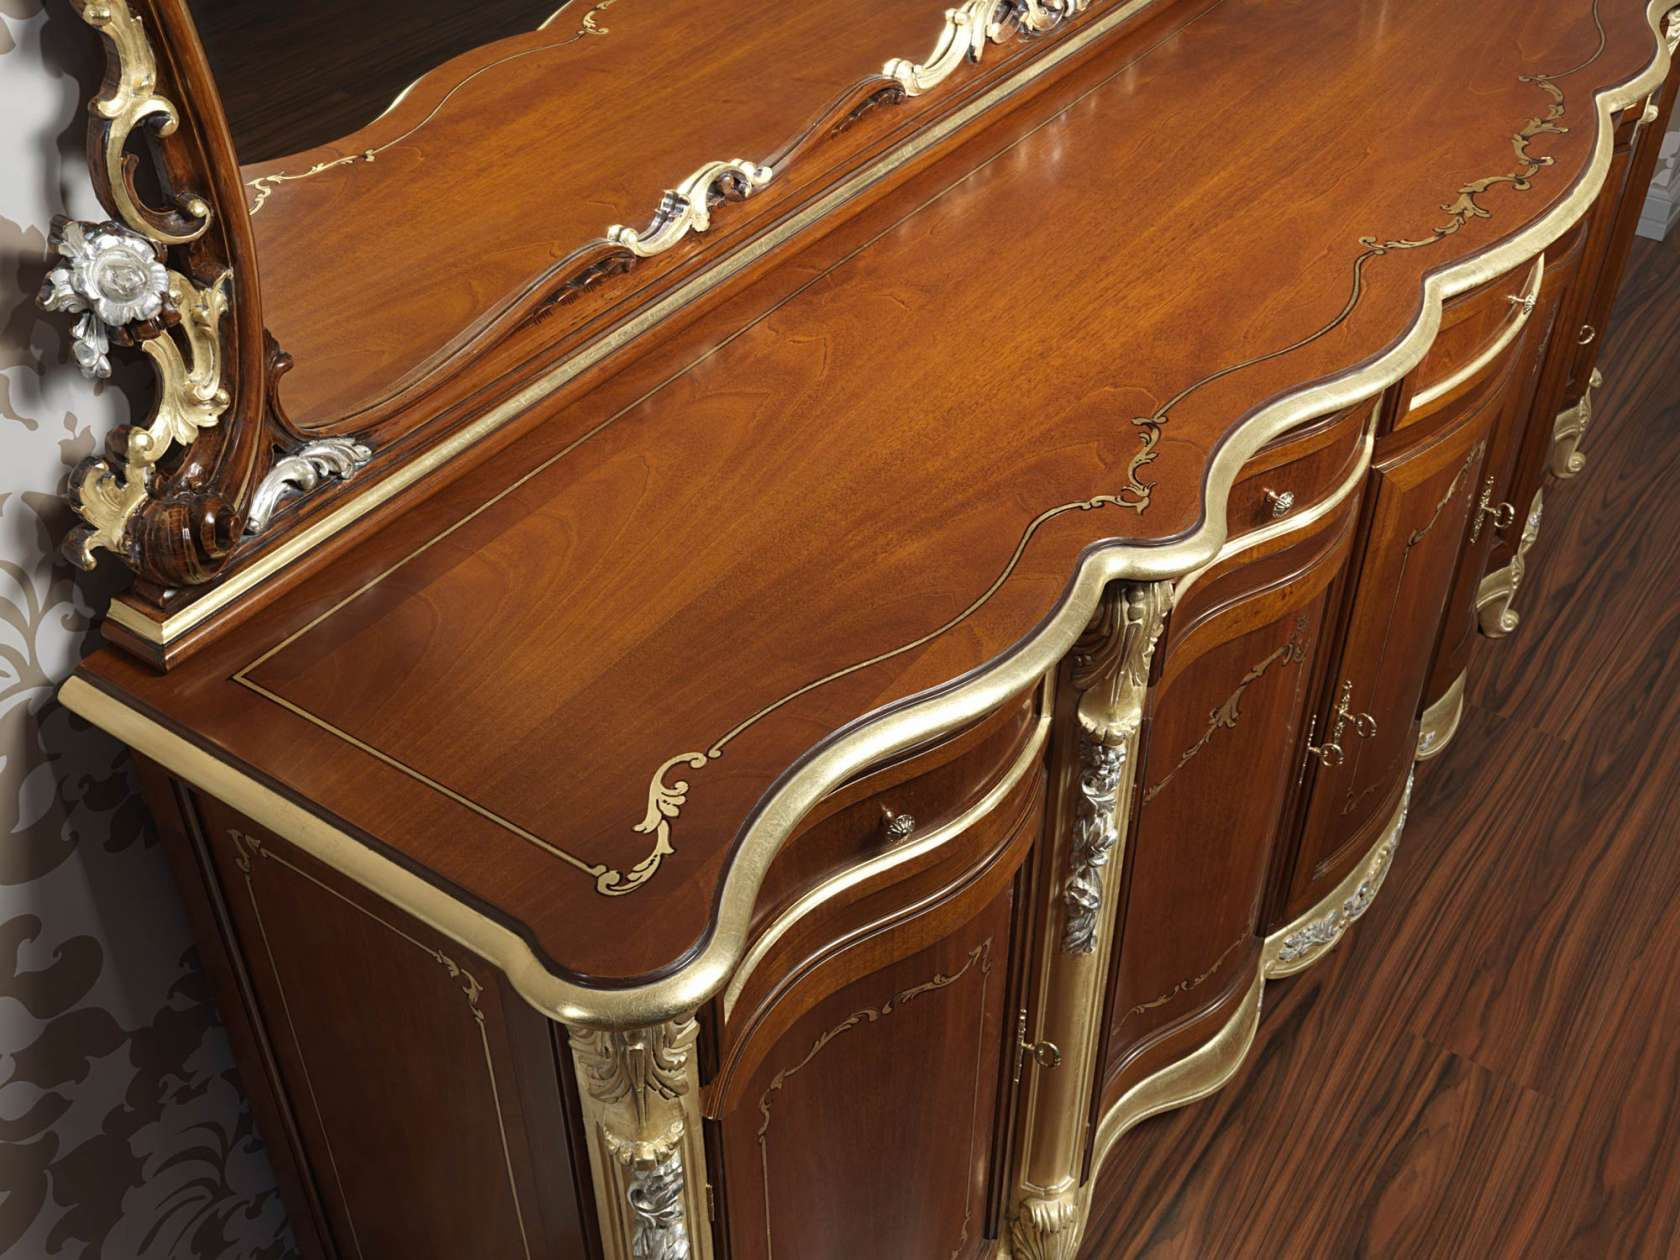 Credenza Per Sala : Credenza per sala di lusso in stile classico luigi xv vimercati